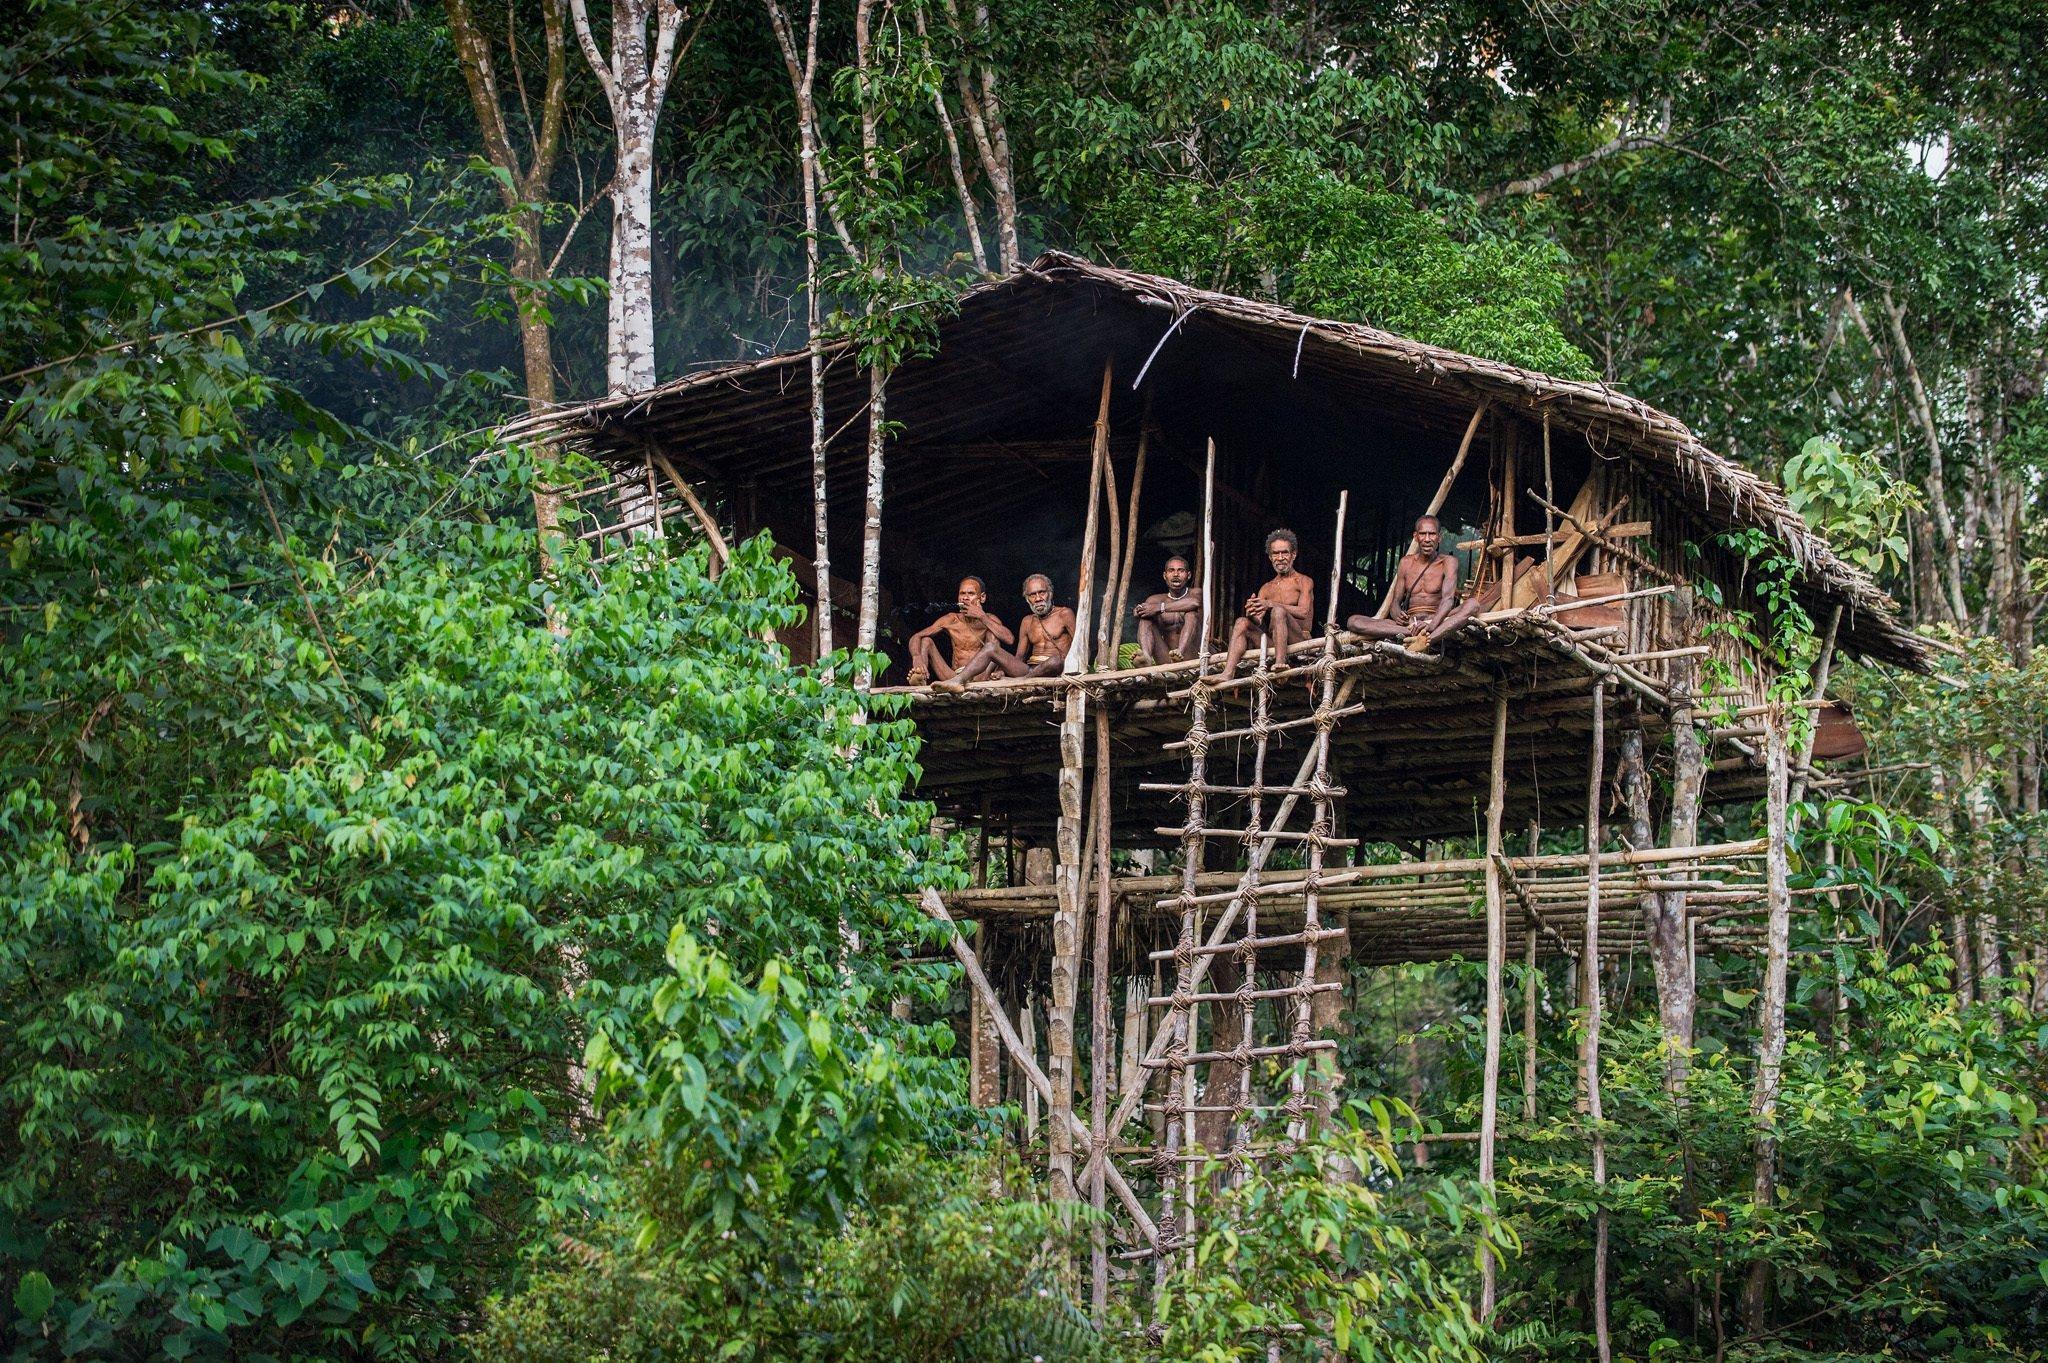 Zu sehen ist ein auf hohen Stelzen errichtetes Baumhaus im Regenwald Neuguineas, auf dessen Plattform hoch oben Menschen sitzen und auf den Fotografen blicken. Es sind Angehörige des Volkes der Korowai.